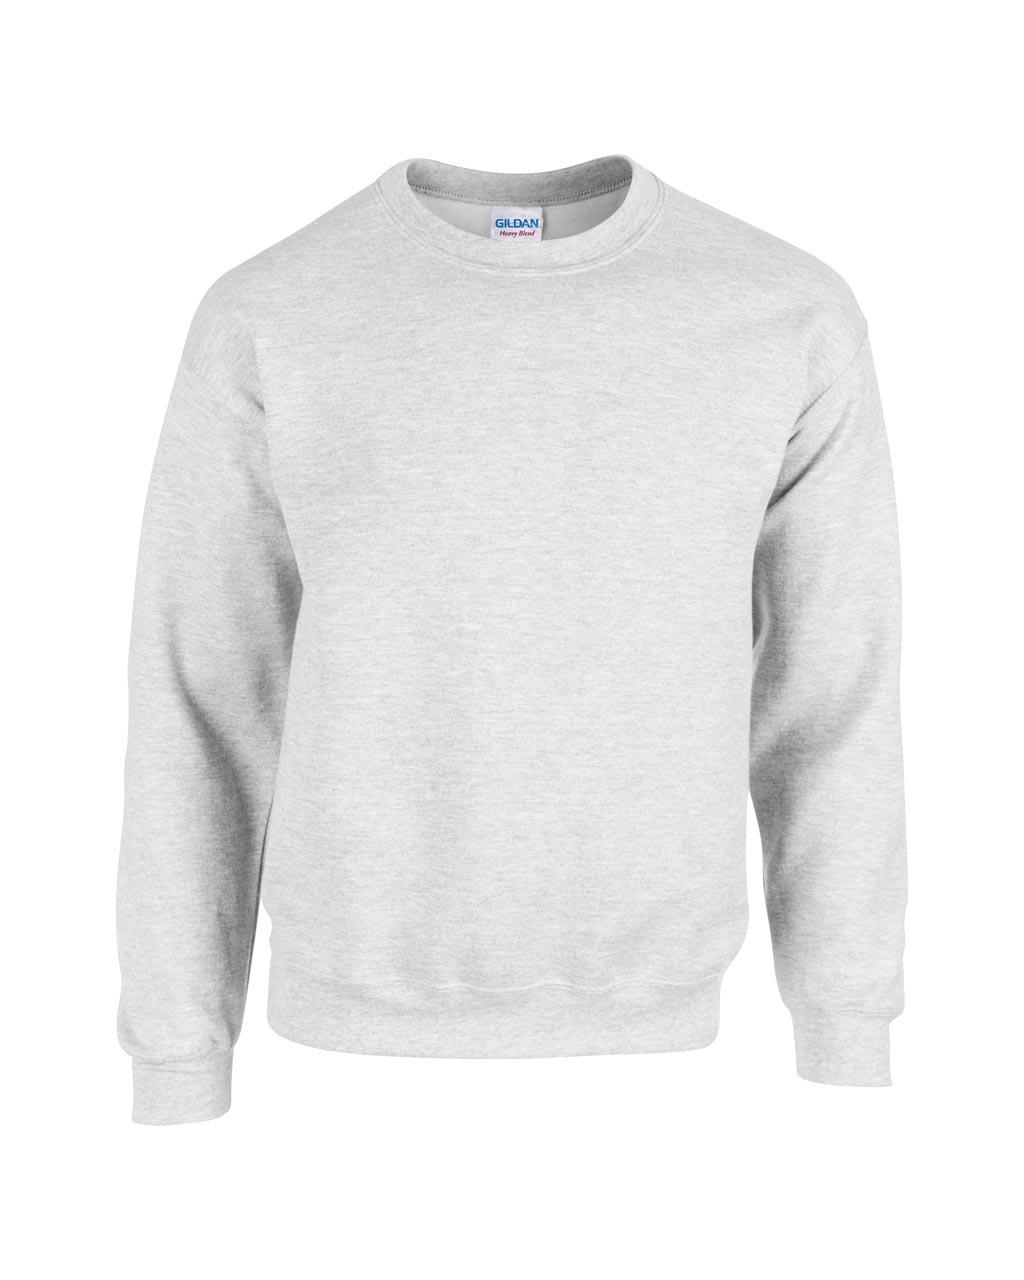 Gildan Sweatshirt svijetlo siva